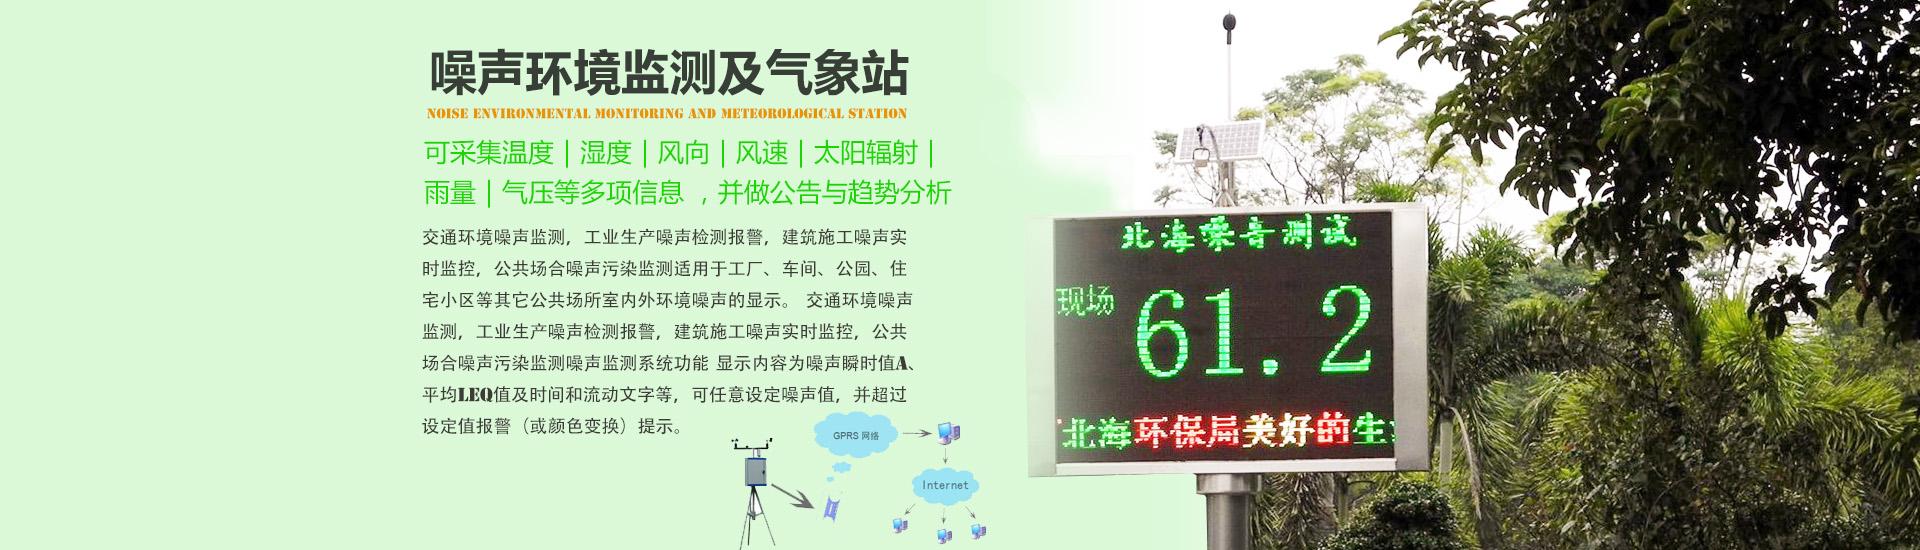 深圳市奥斯恩净化技术万博体育app手机登陆形象图